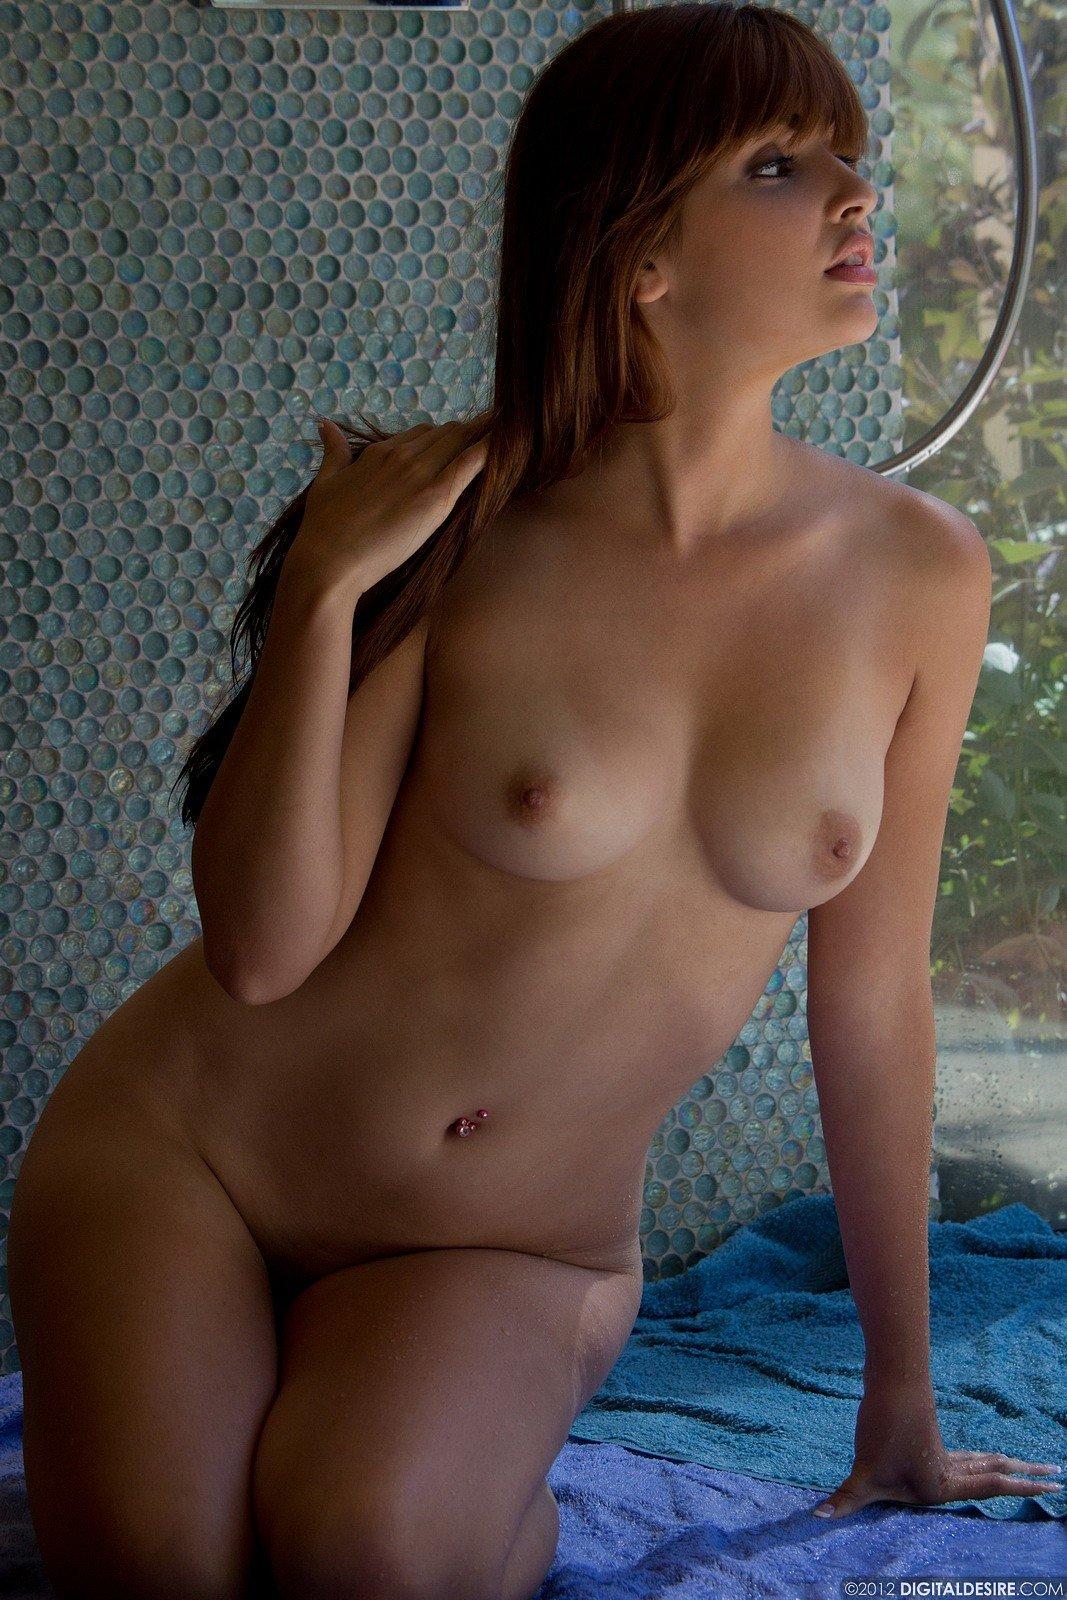 Zdjęcie porno - 1221 - Mokre ciałko zgrabnej modelki